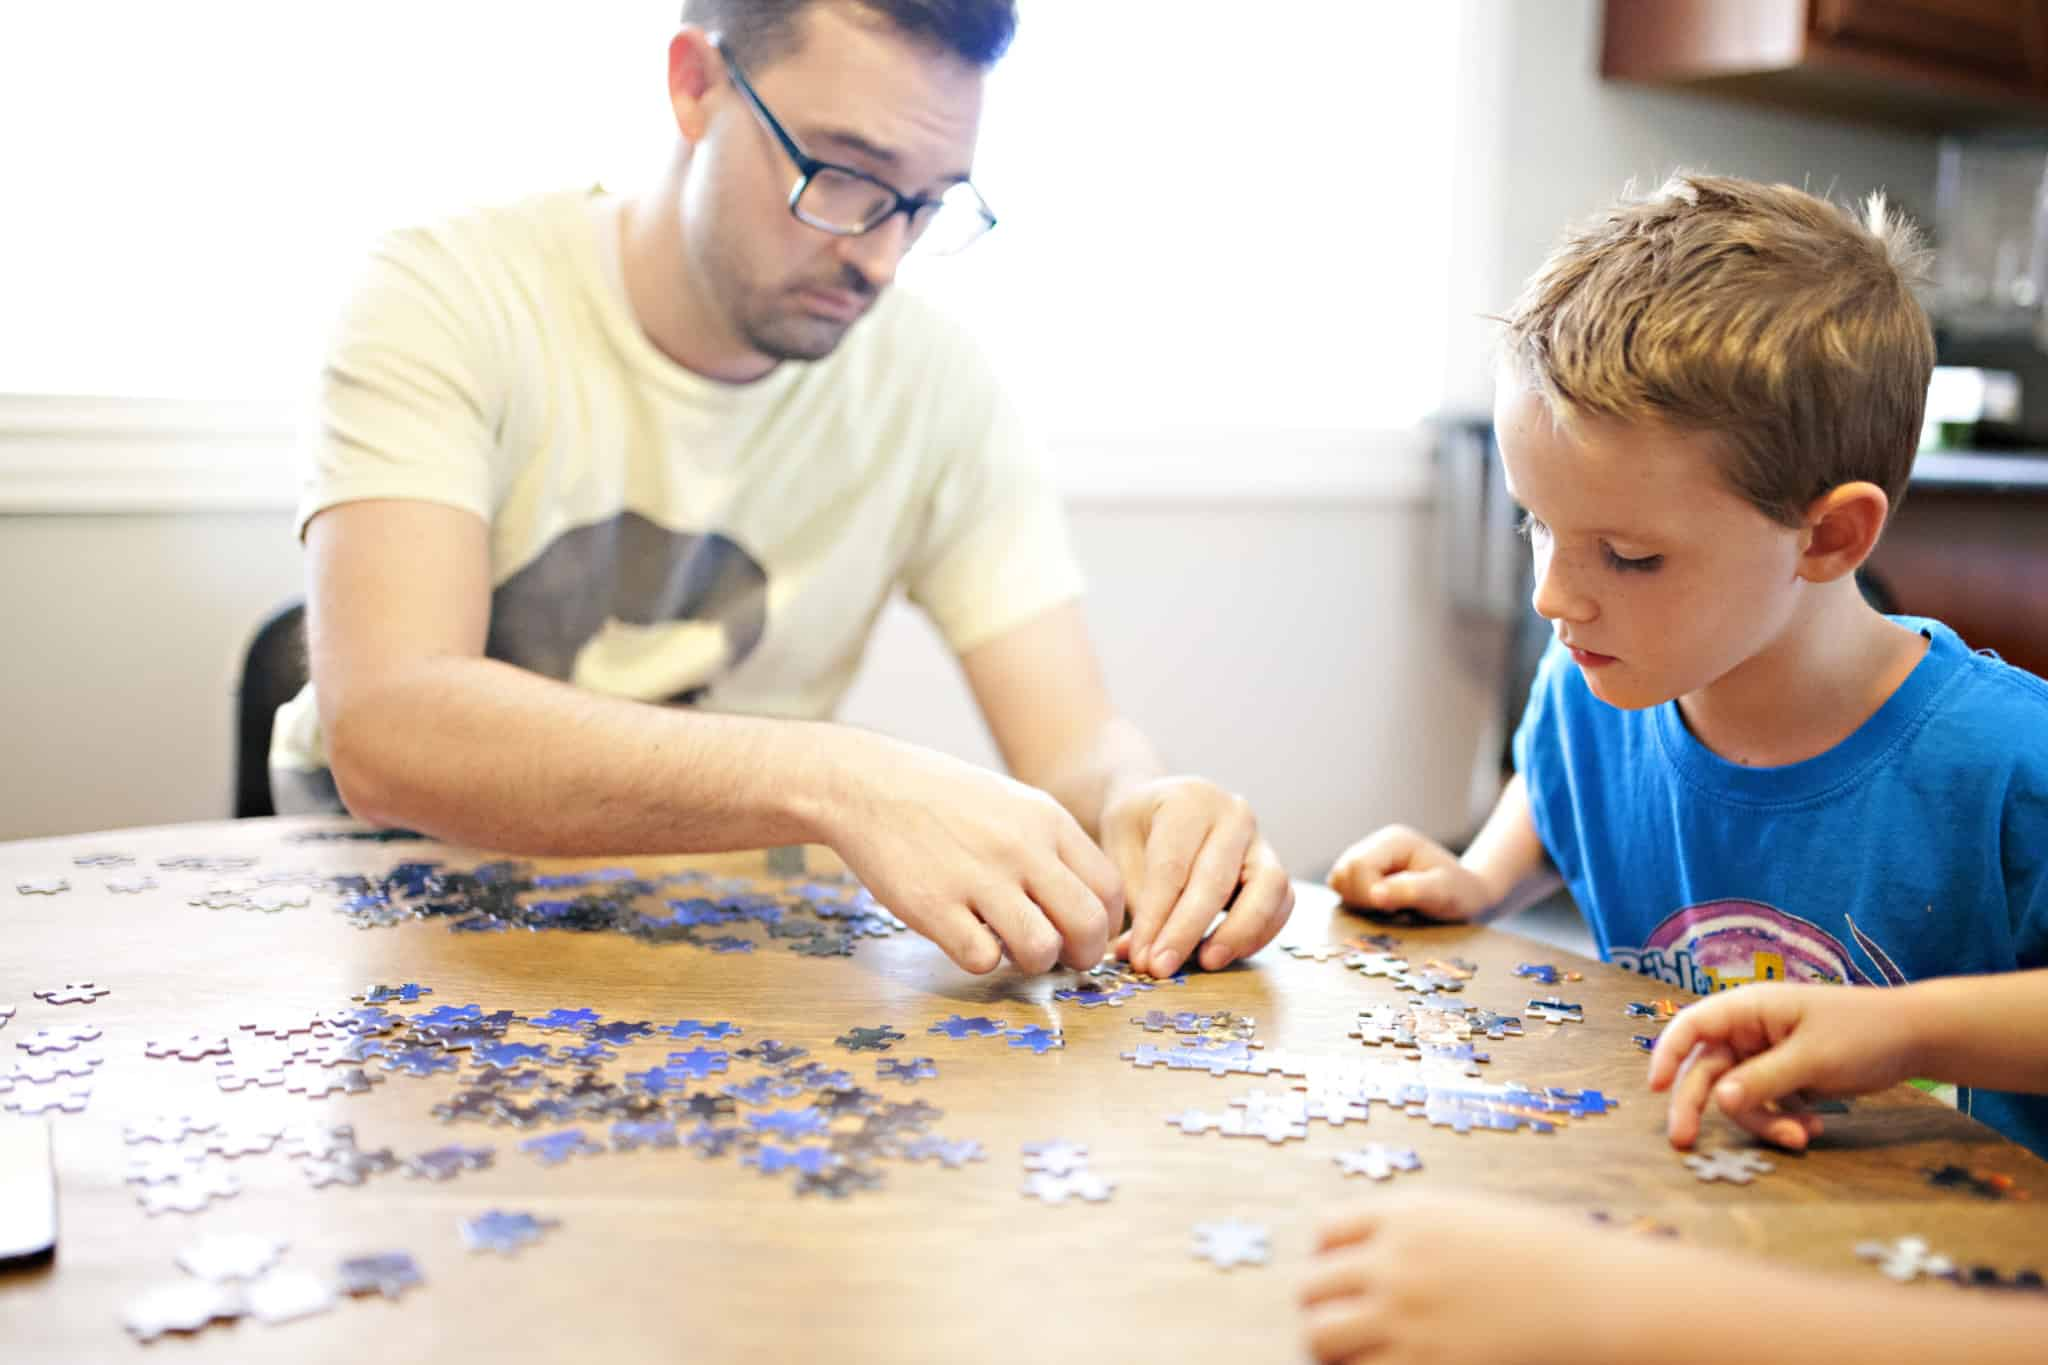 pai a fazer um puzzle em cima da mesa com o filho ao lado